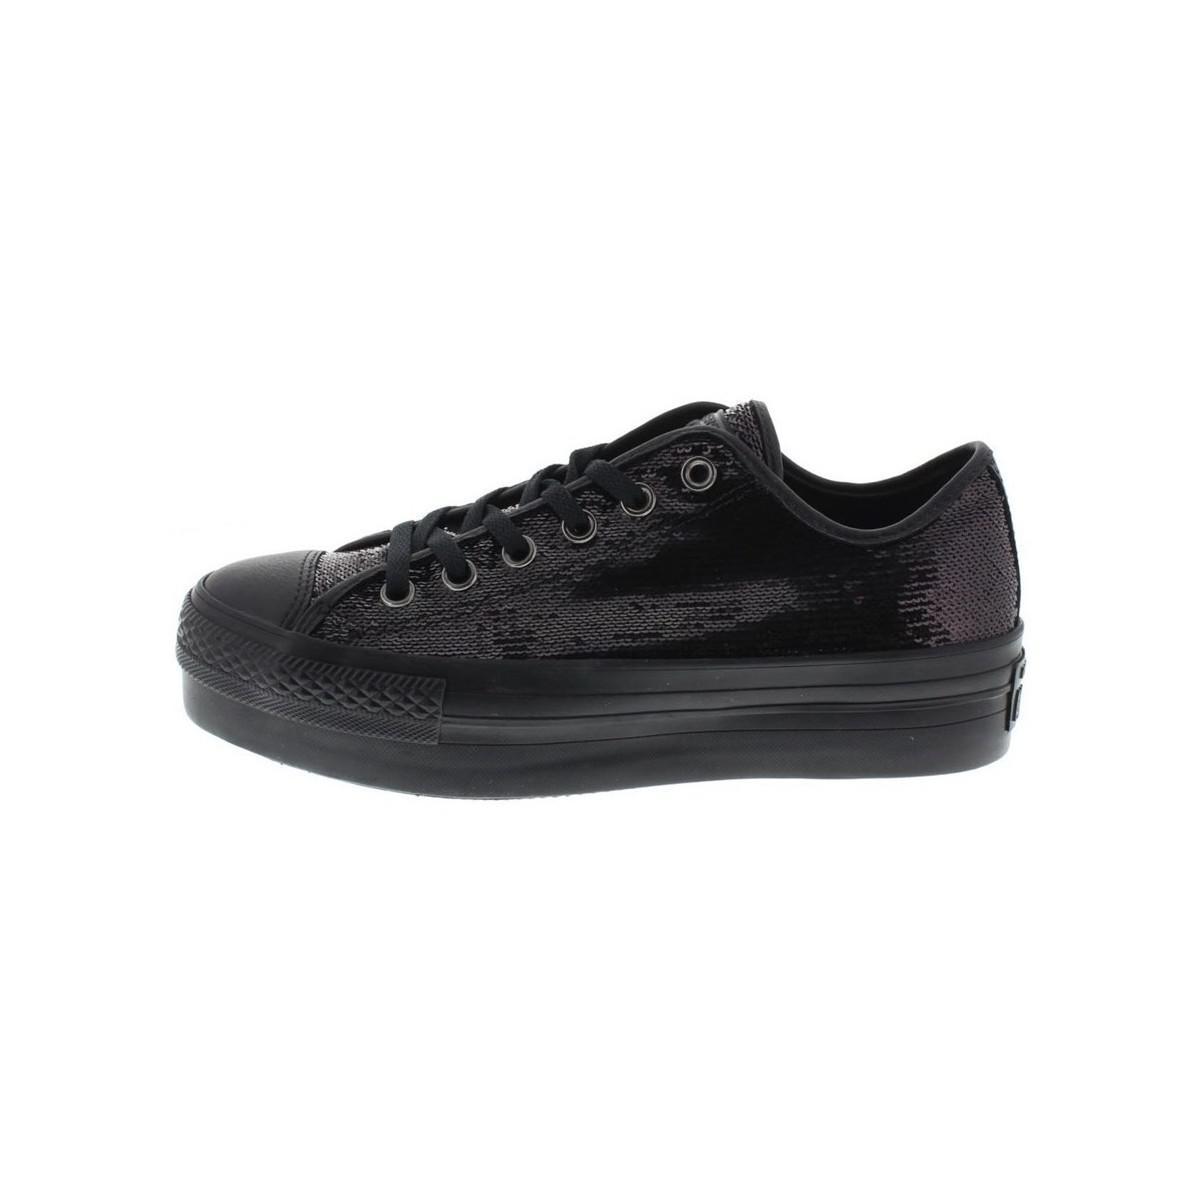 brand new 6d46c a3c3a Ox Converse Platform Multicolour Sequins Women s ShoestrainersIn iuTPZOkX